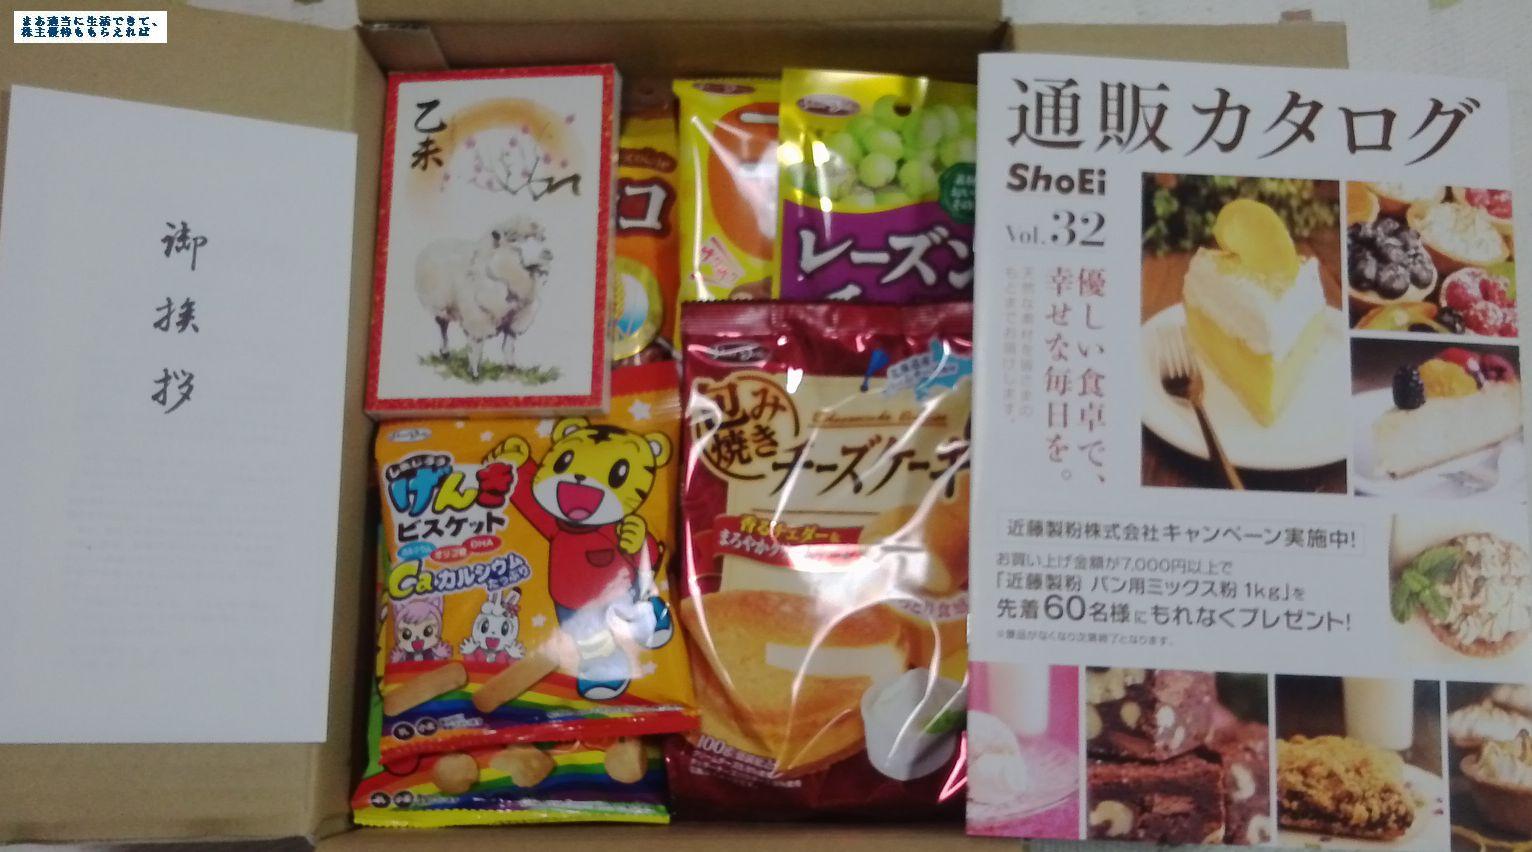 shoei_yuutai-01_201410.jpg